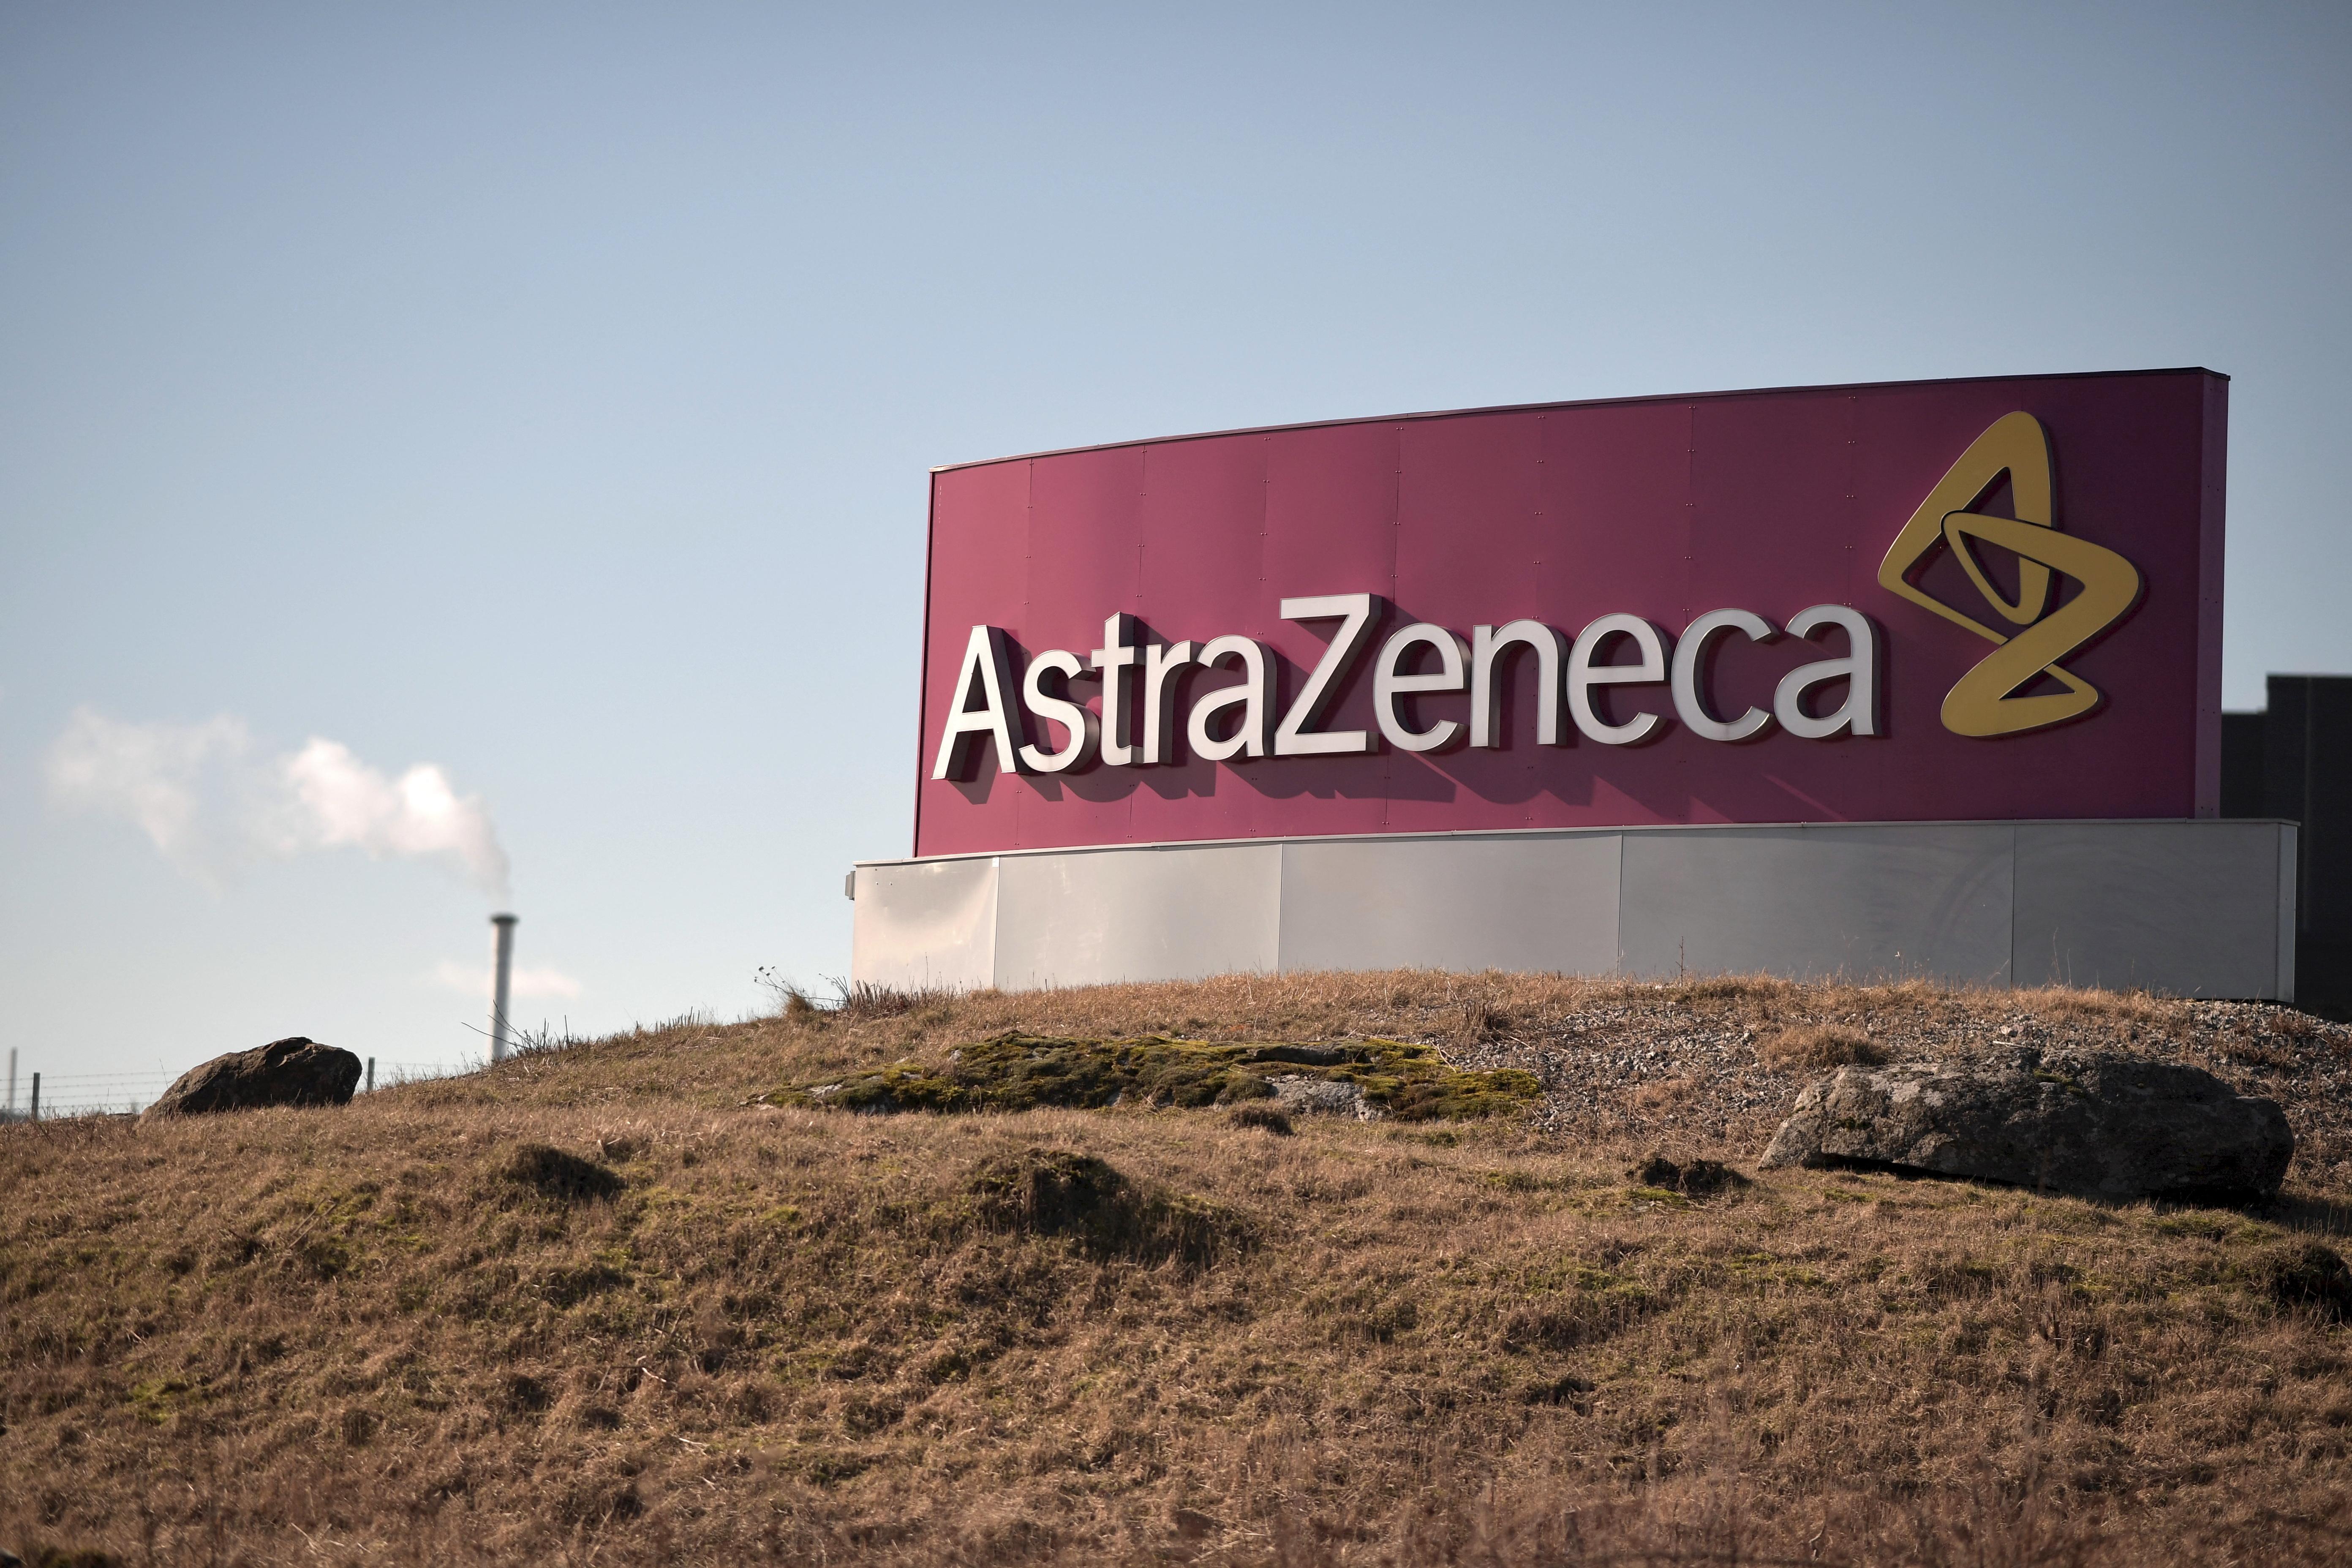 Az Európai Gyógyszerügynökség szerint az AstraZenecának több az előnye, mint a hátránya